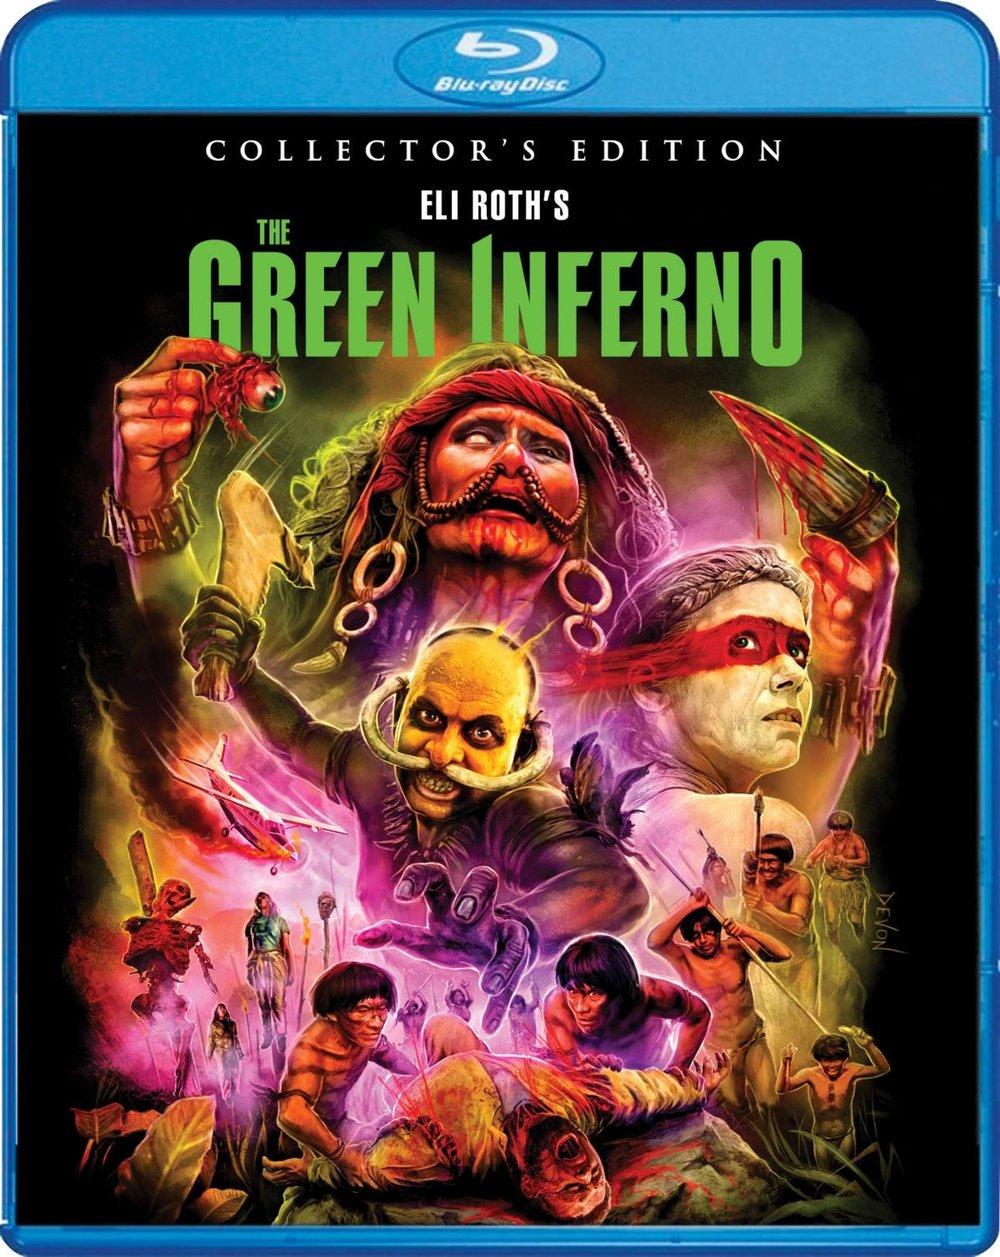 Green-Inferno-Blu-ray-01.jpg